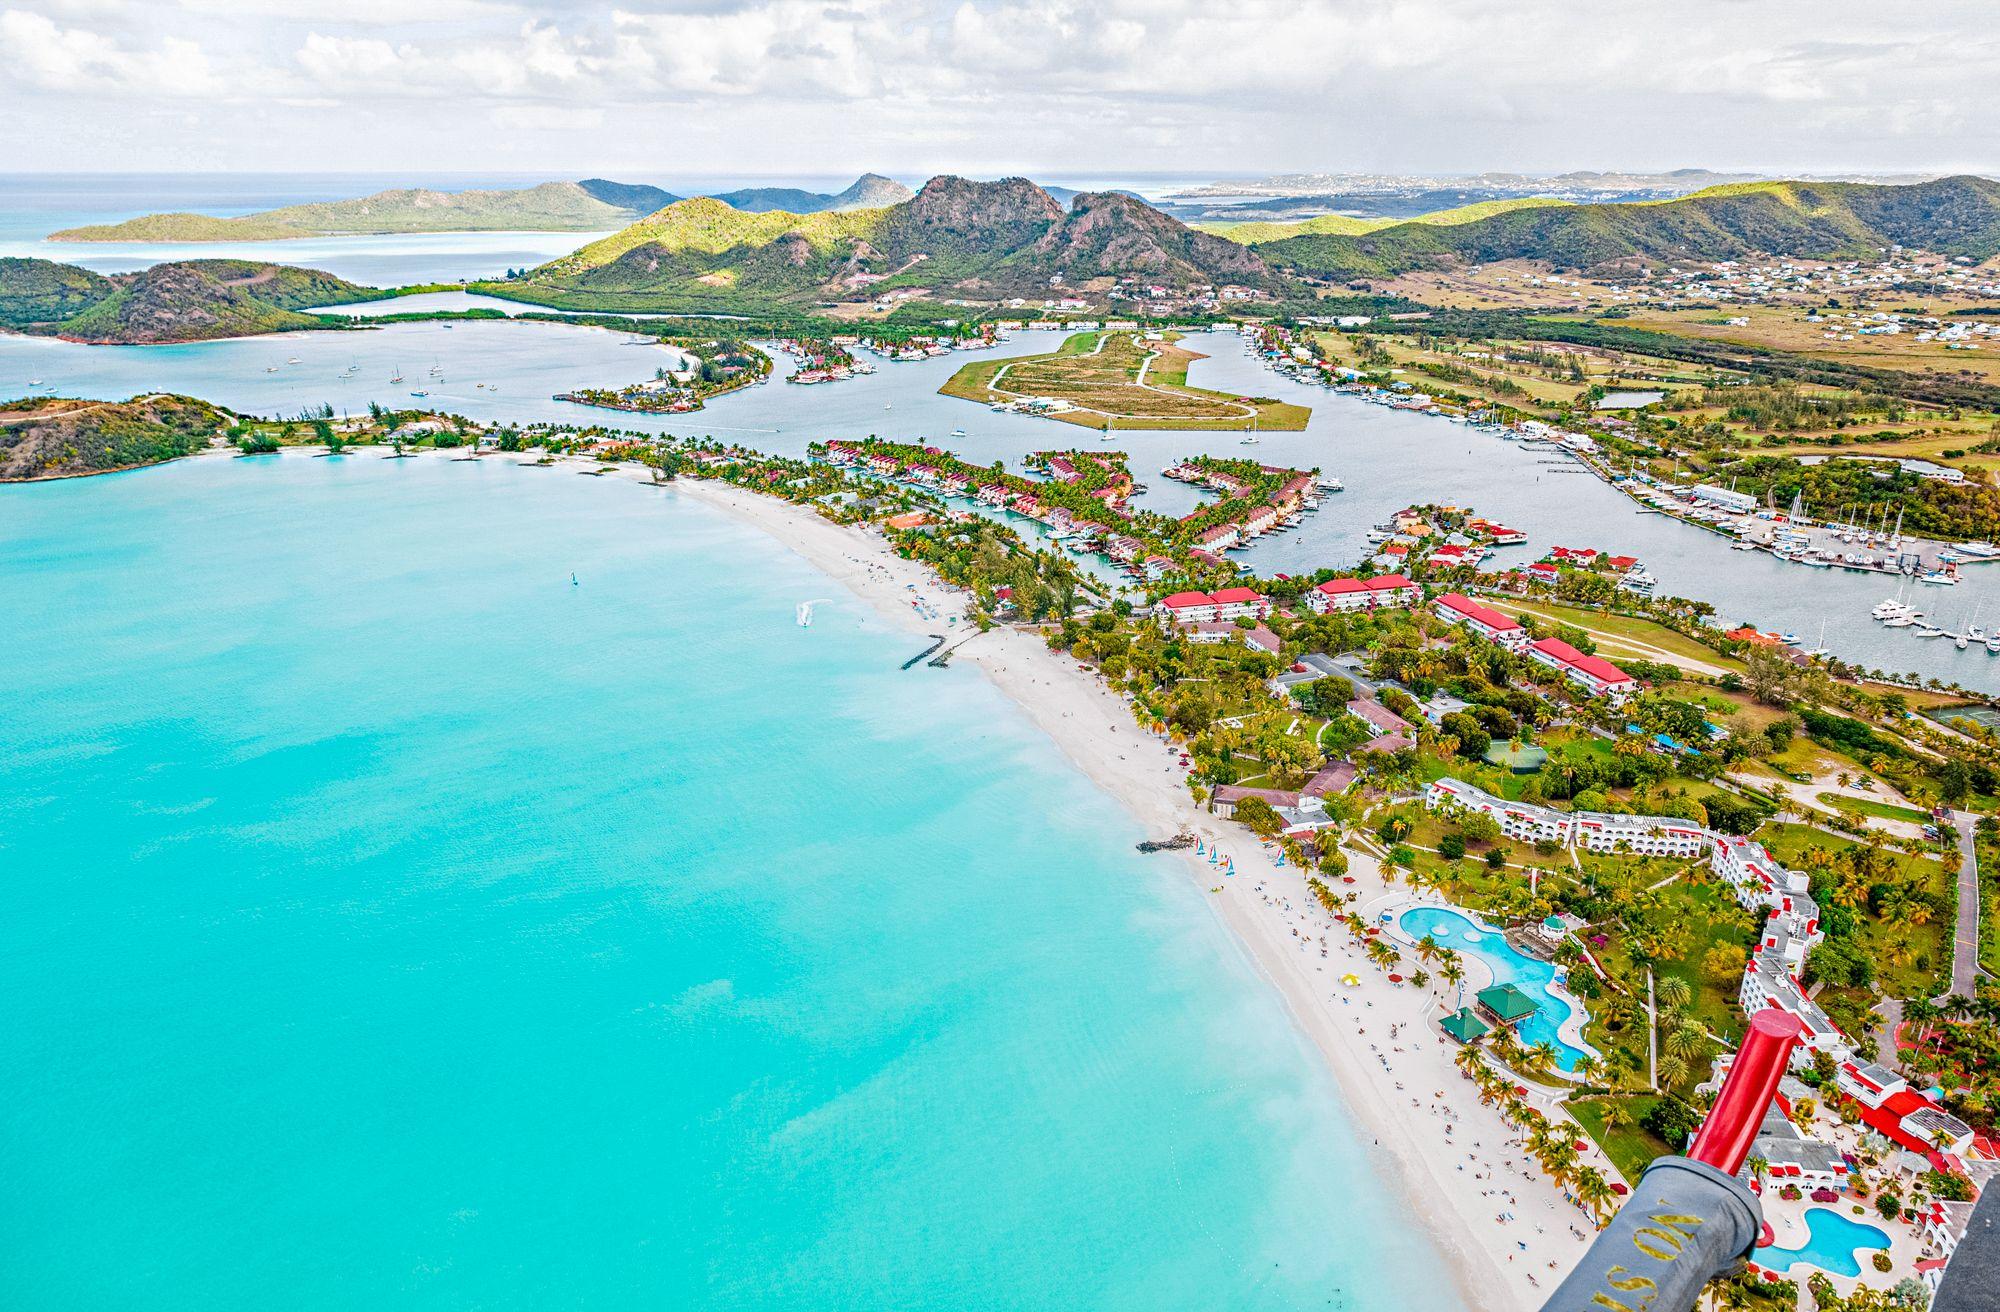 Antigua Jolly Beach Jolly Harbor Aerial